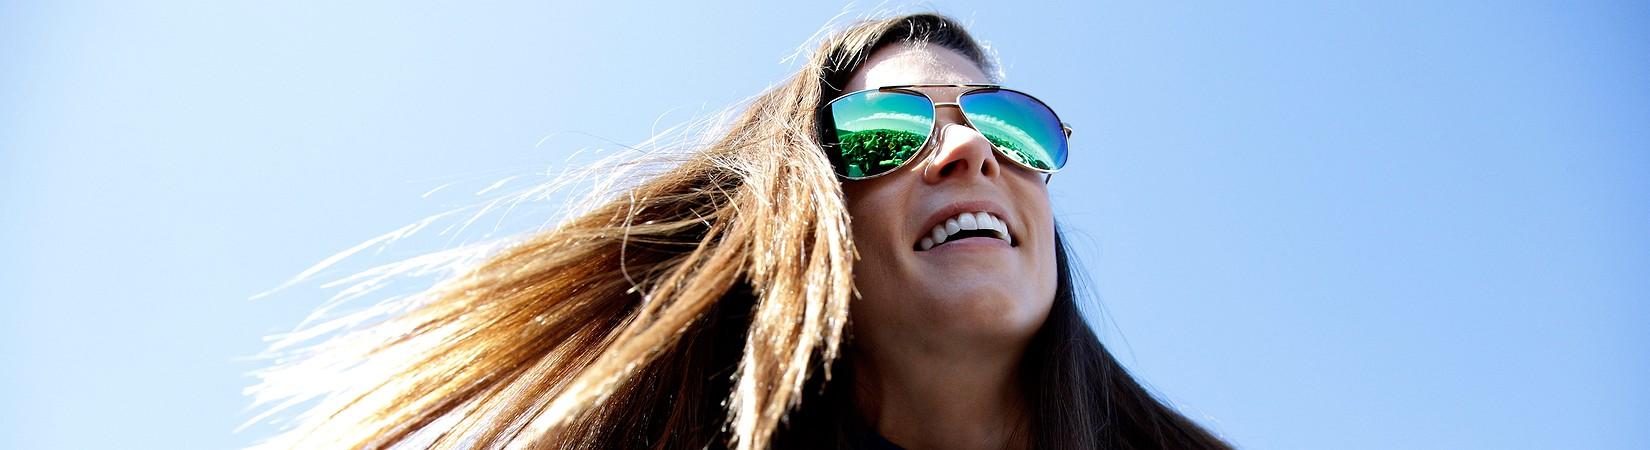 Las 9 mujeres mejor pagadas en el mundo del deporte